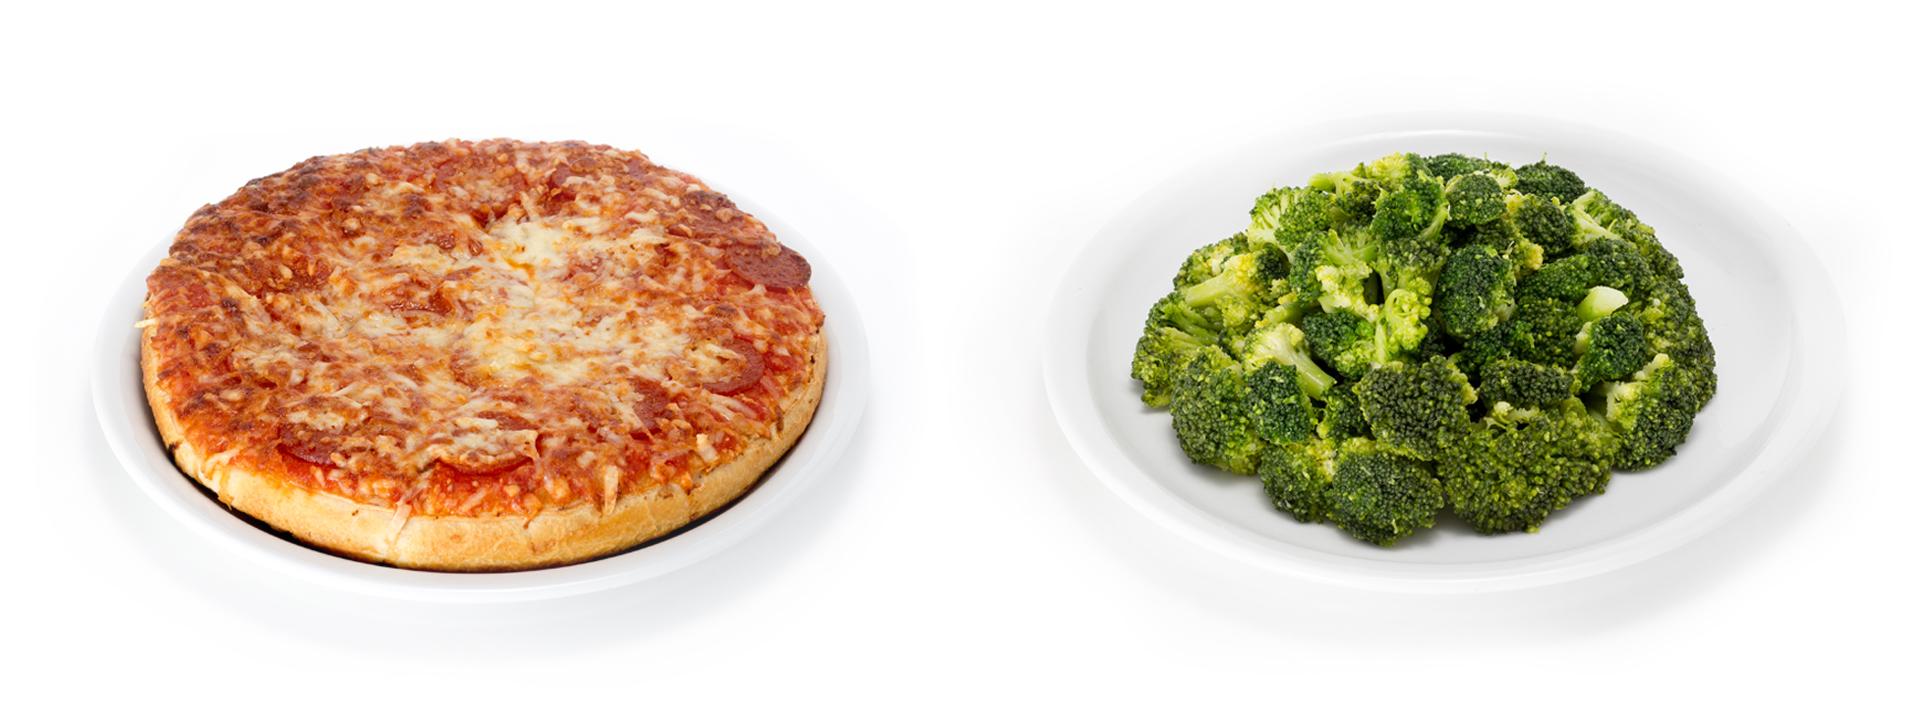 Pizza und Broccoli